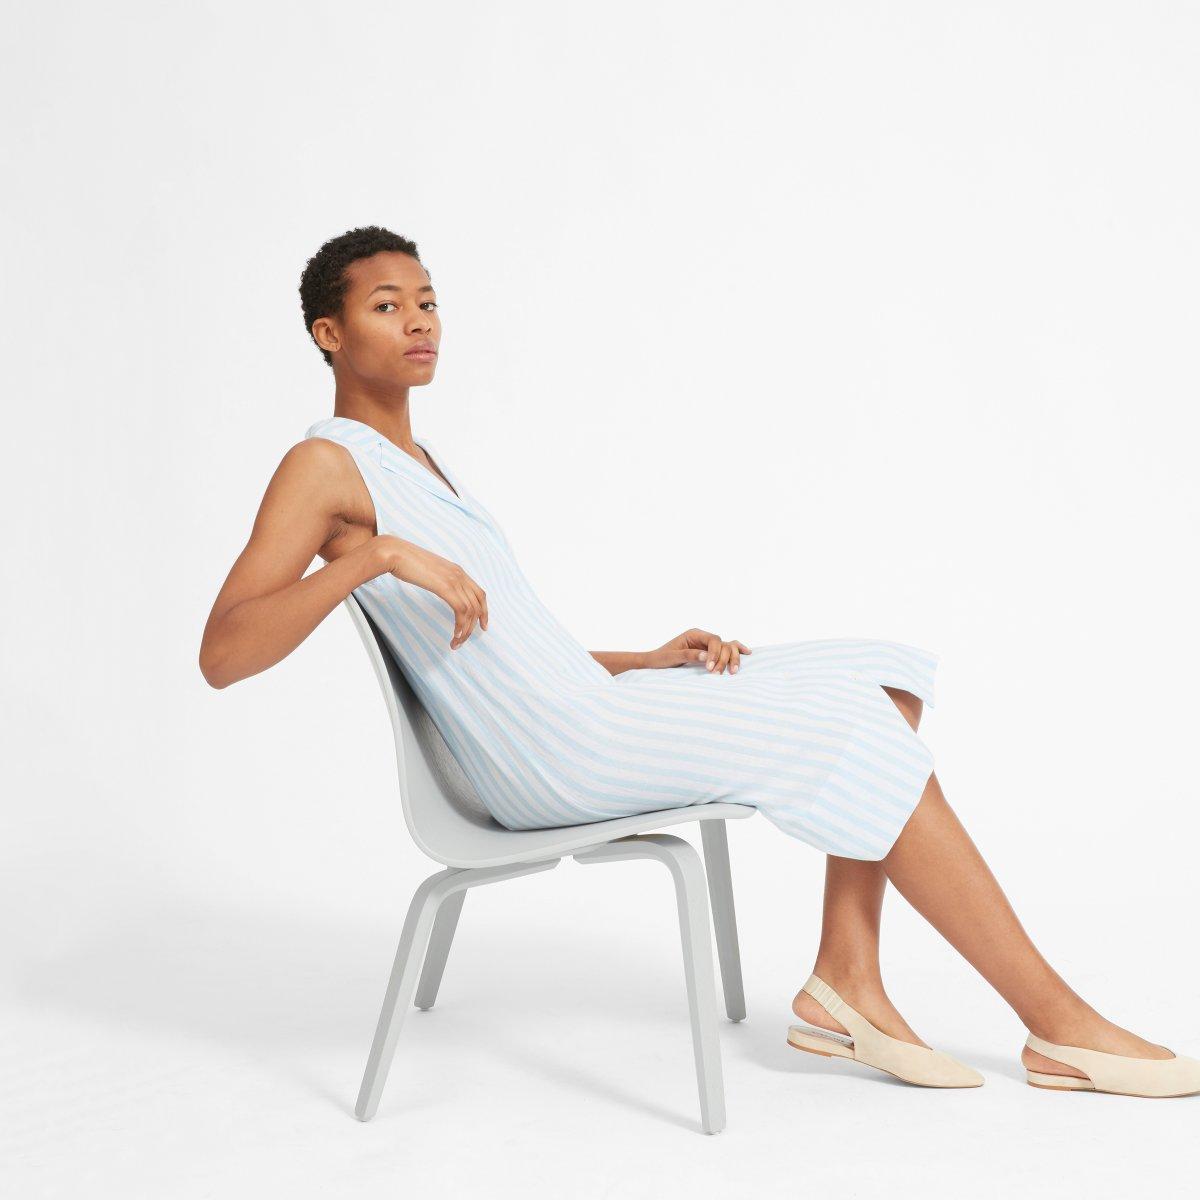 The Linen Sleeveless Shirtdress by Everlane